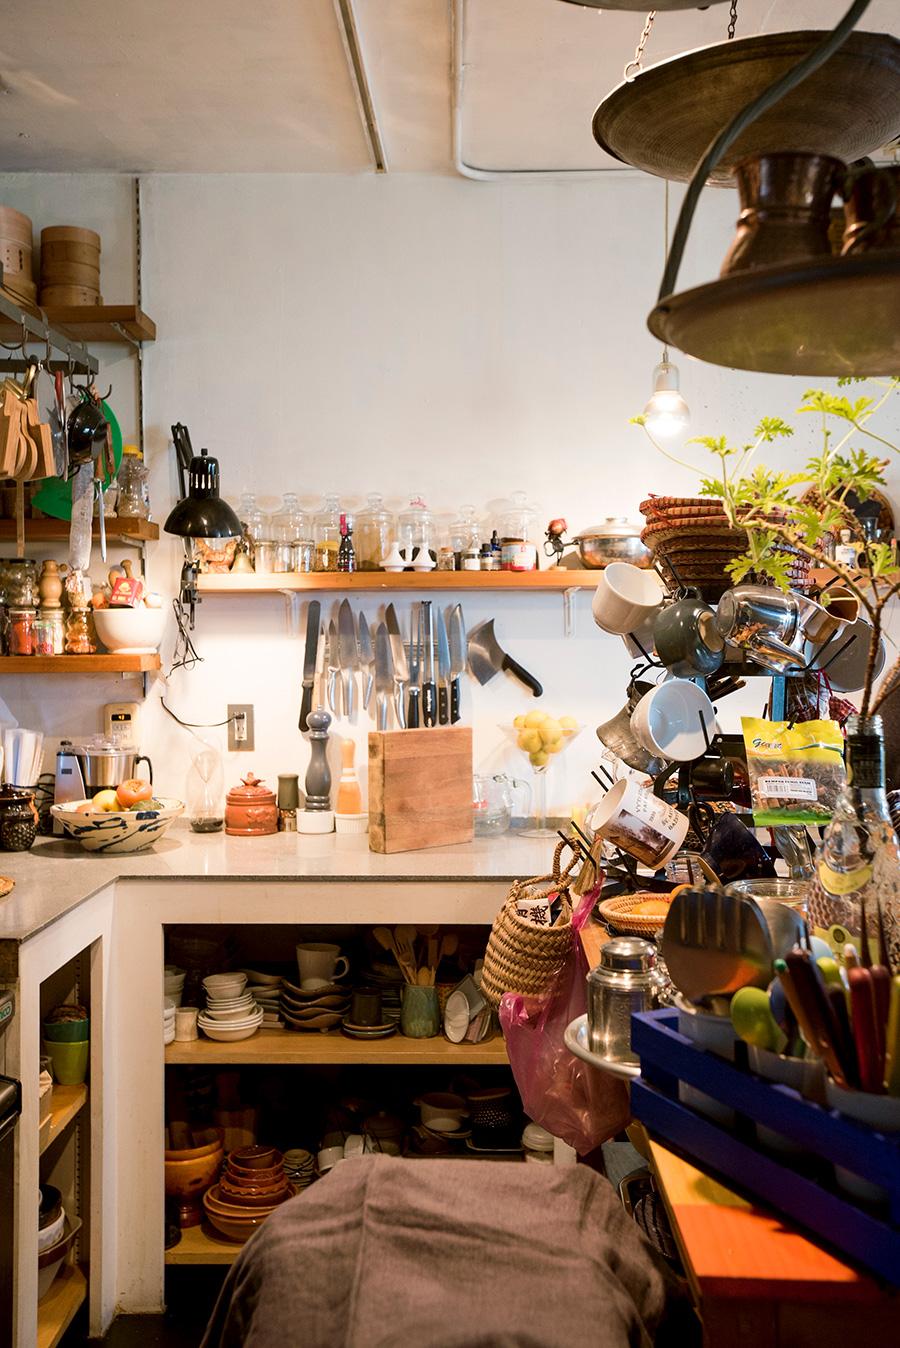 キッチン台下の収納は扉をつけずオープンに。コレクションが眺められる上、扉の開け閉めがなく動作に無駄がない。